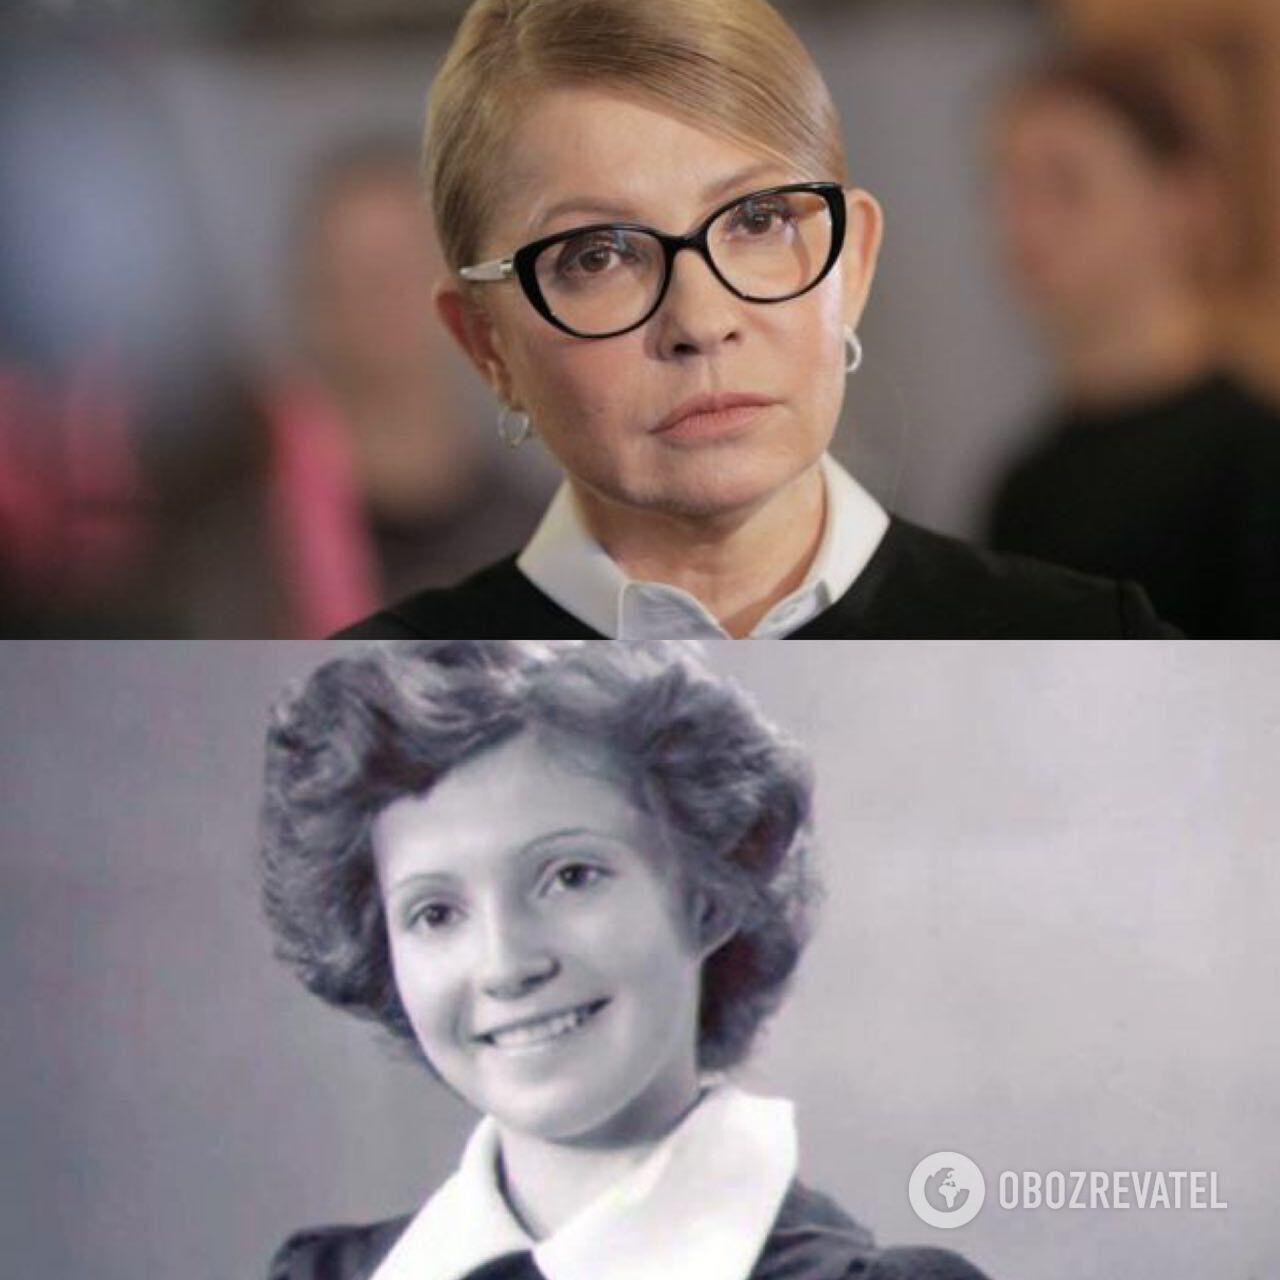 Юлия Тимошенко: в детстве и сейчас.